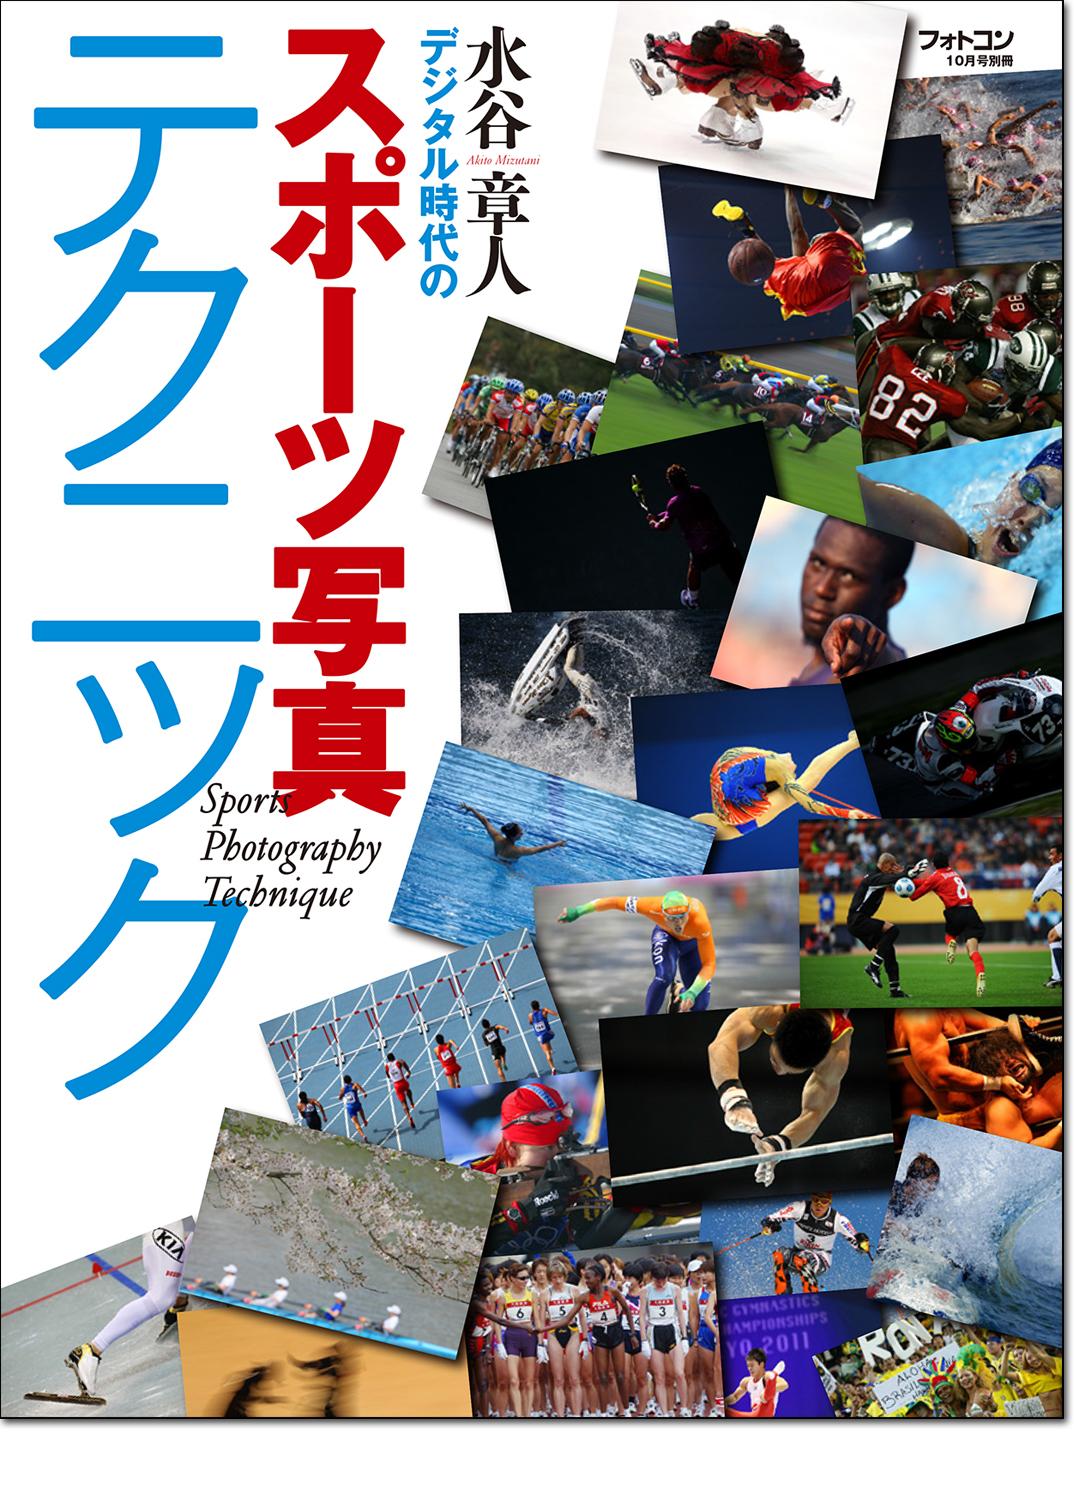 デジタル時代の スポーツ写真テクニック